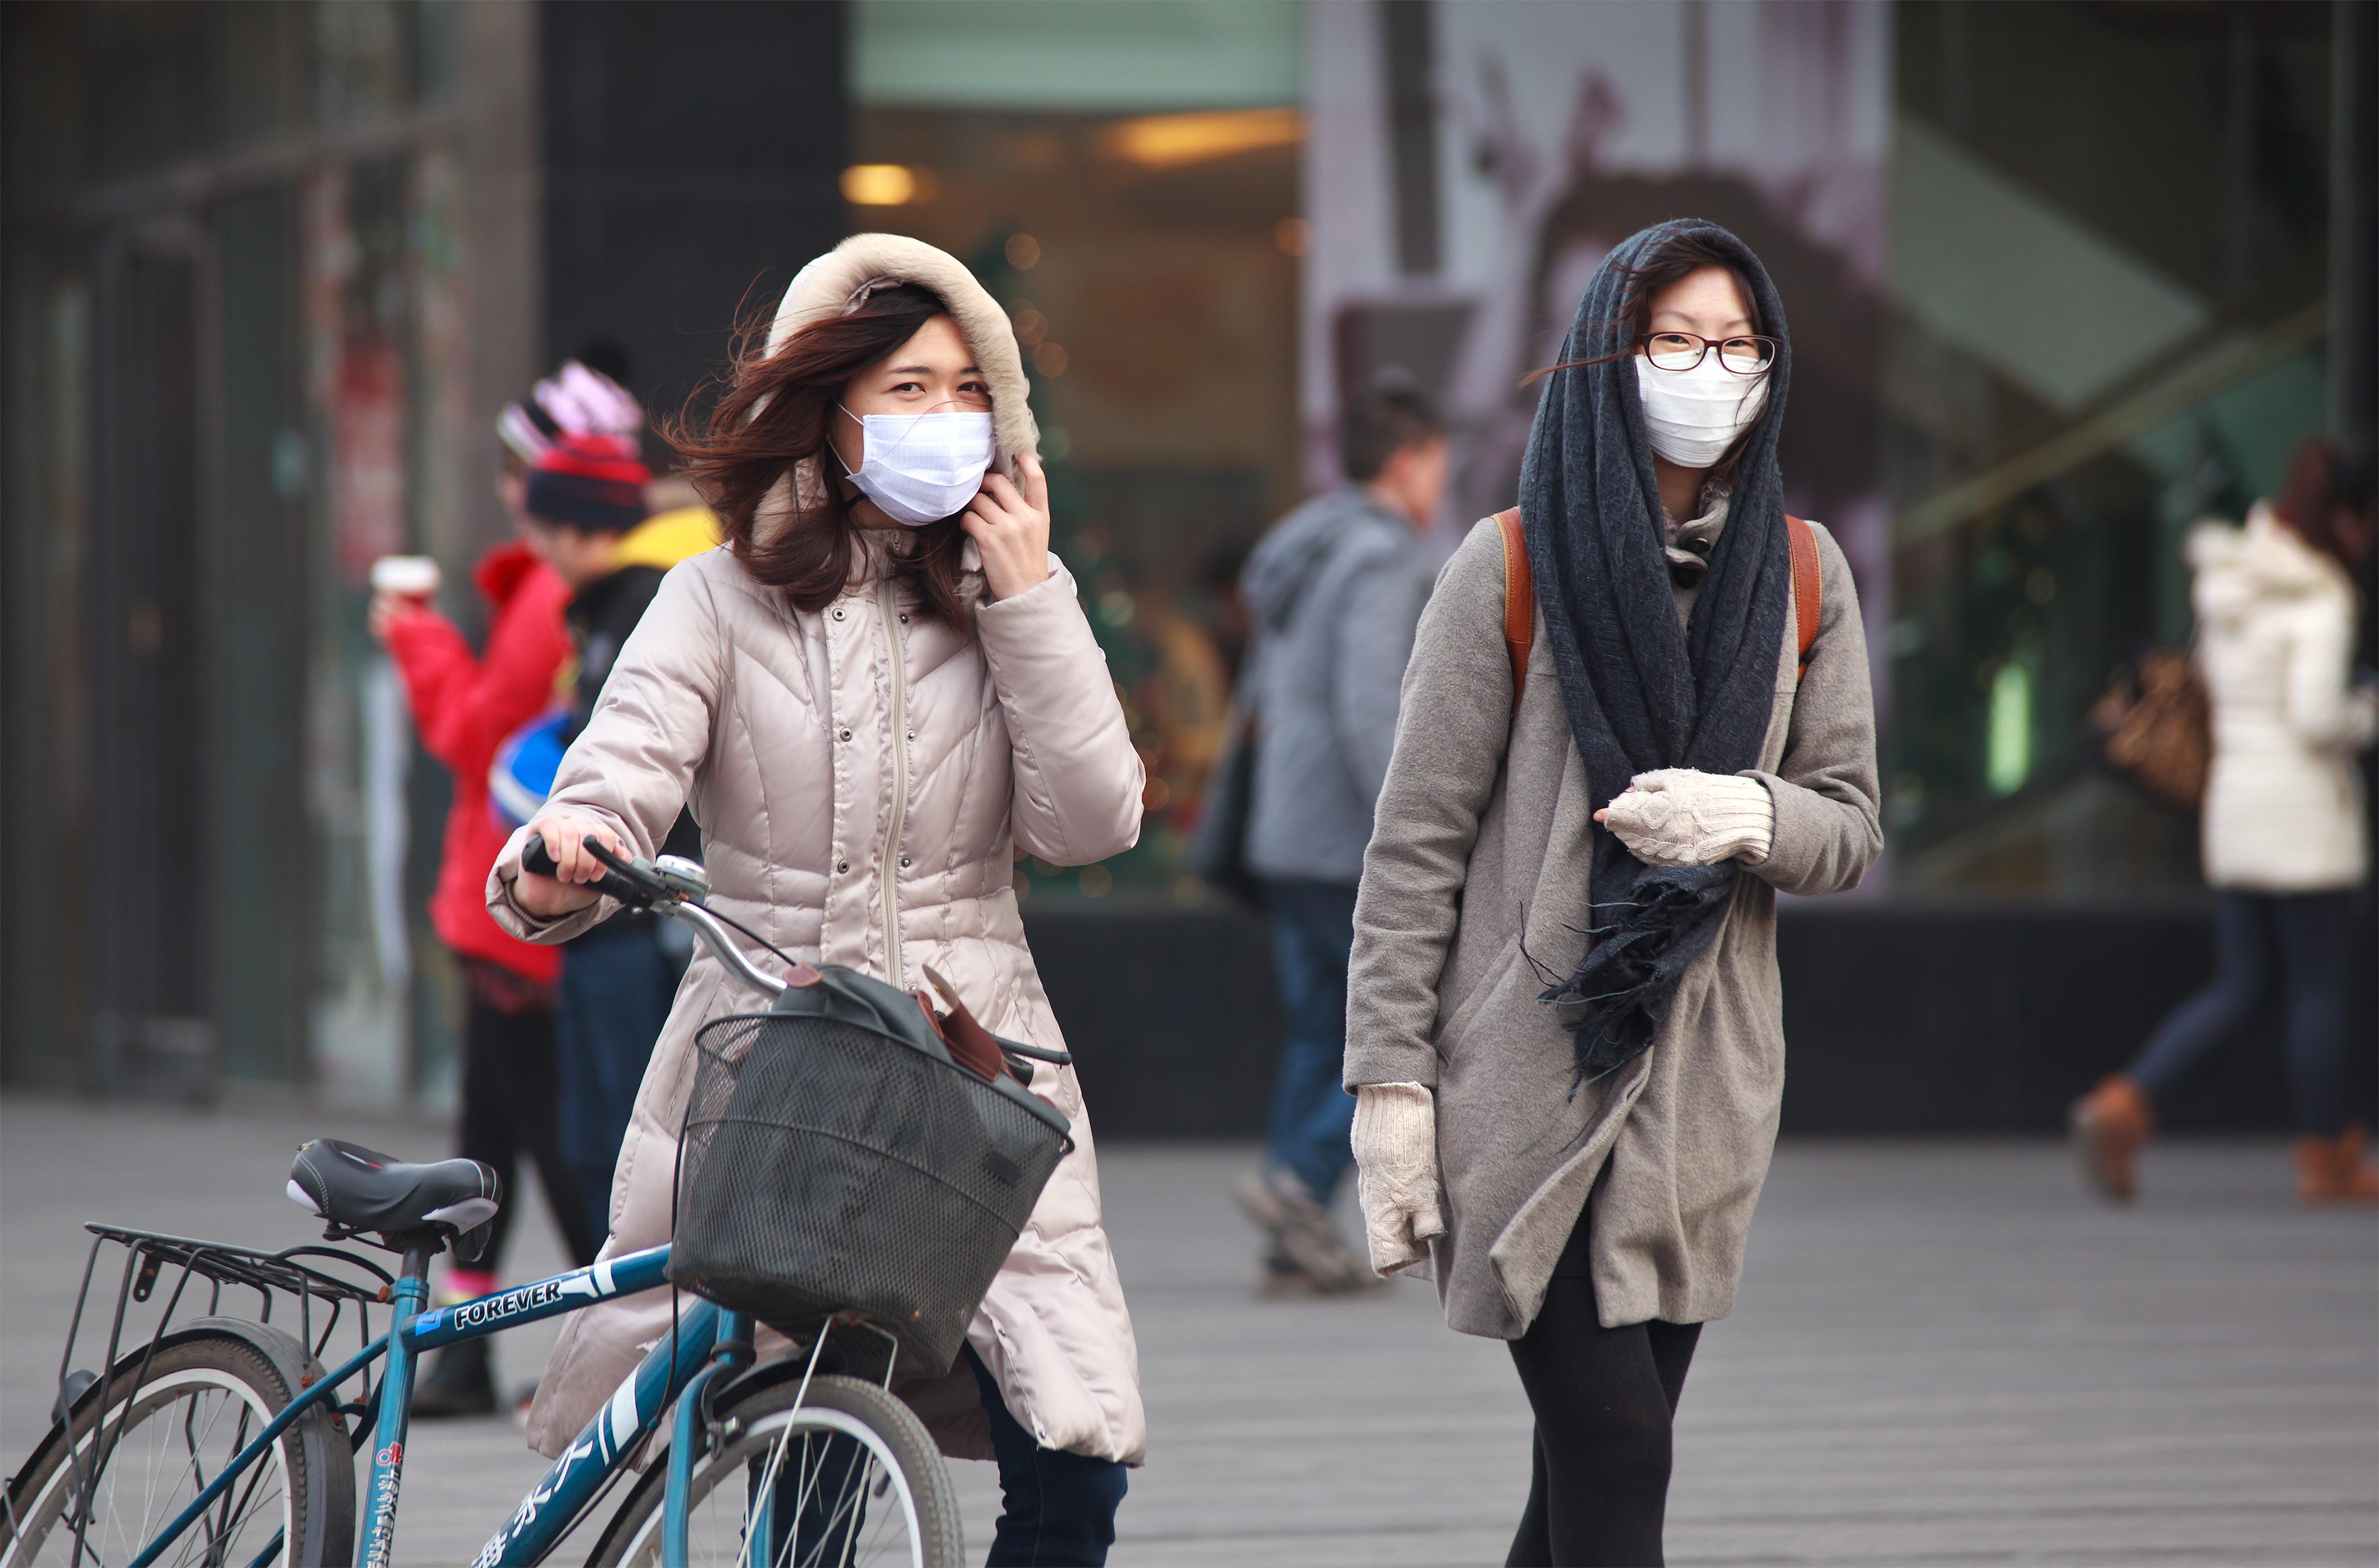 Sedan den 31 december 2019 har över 200 laboratoriebekräftade fall av coronaviruset rapporterats, samtliga med koppling till Wuhan, Kina.